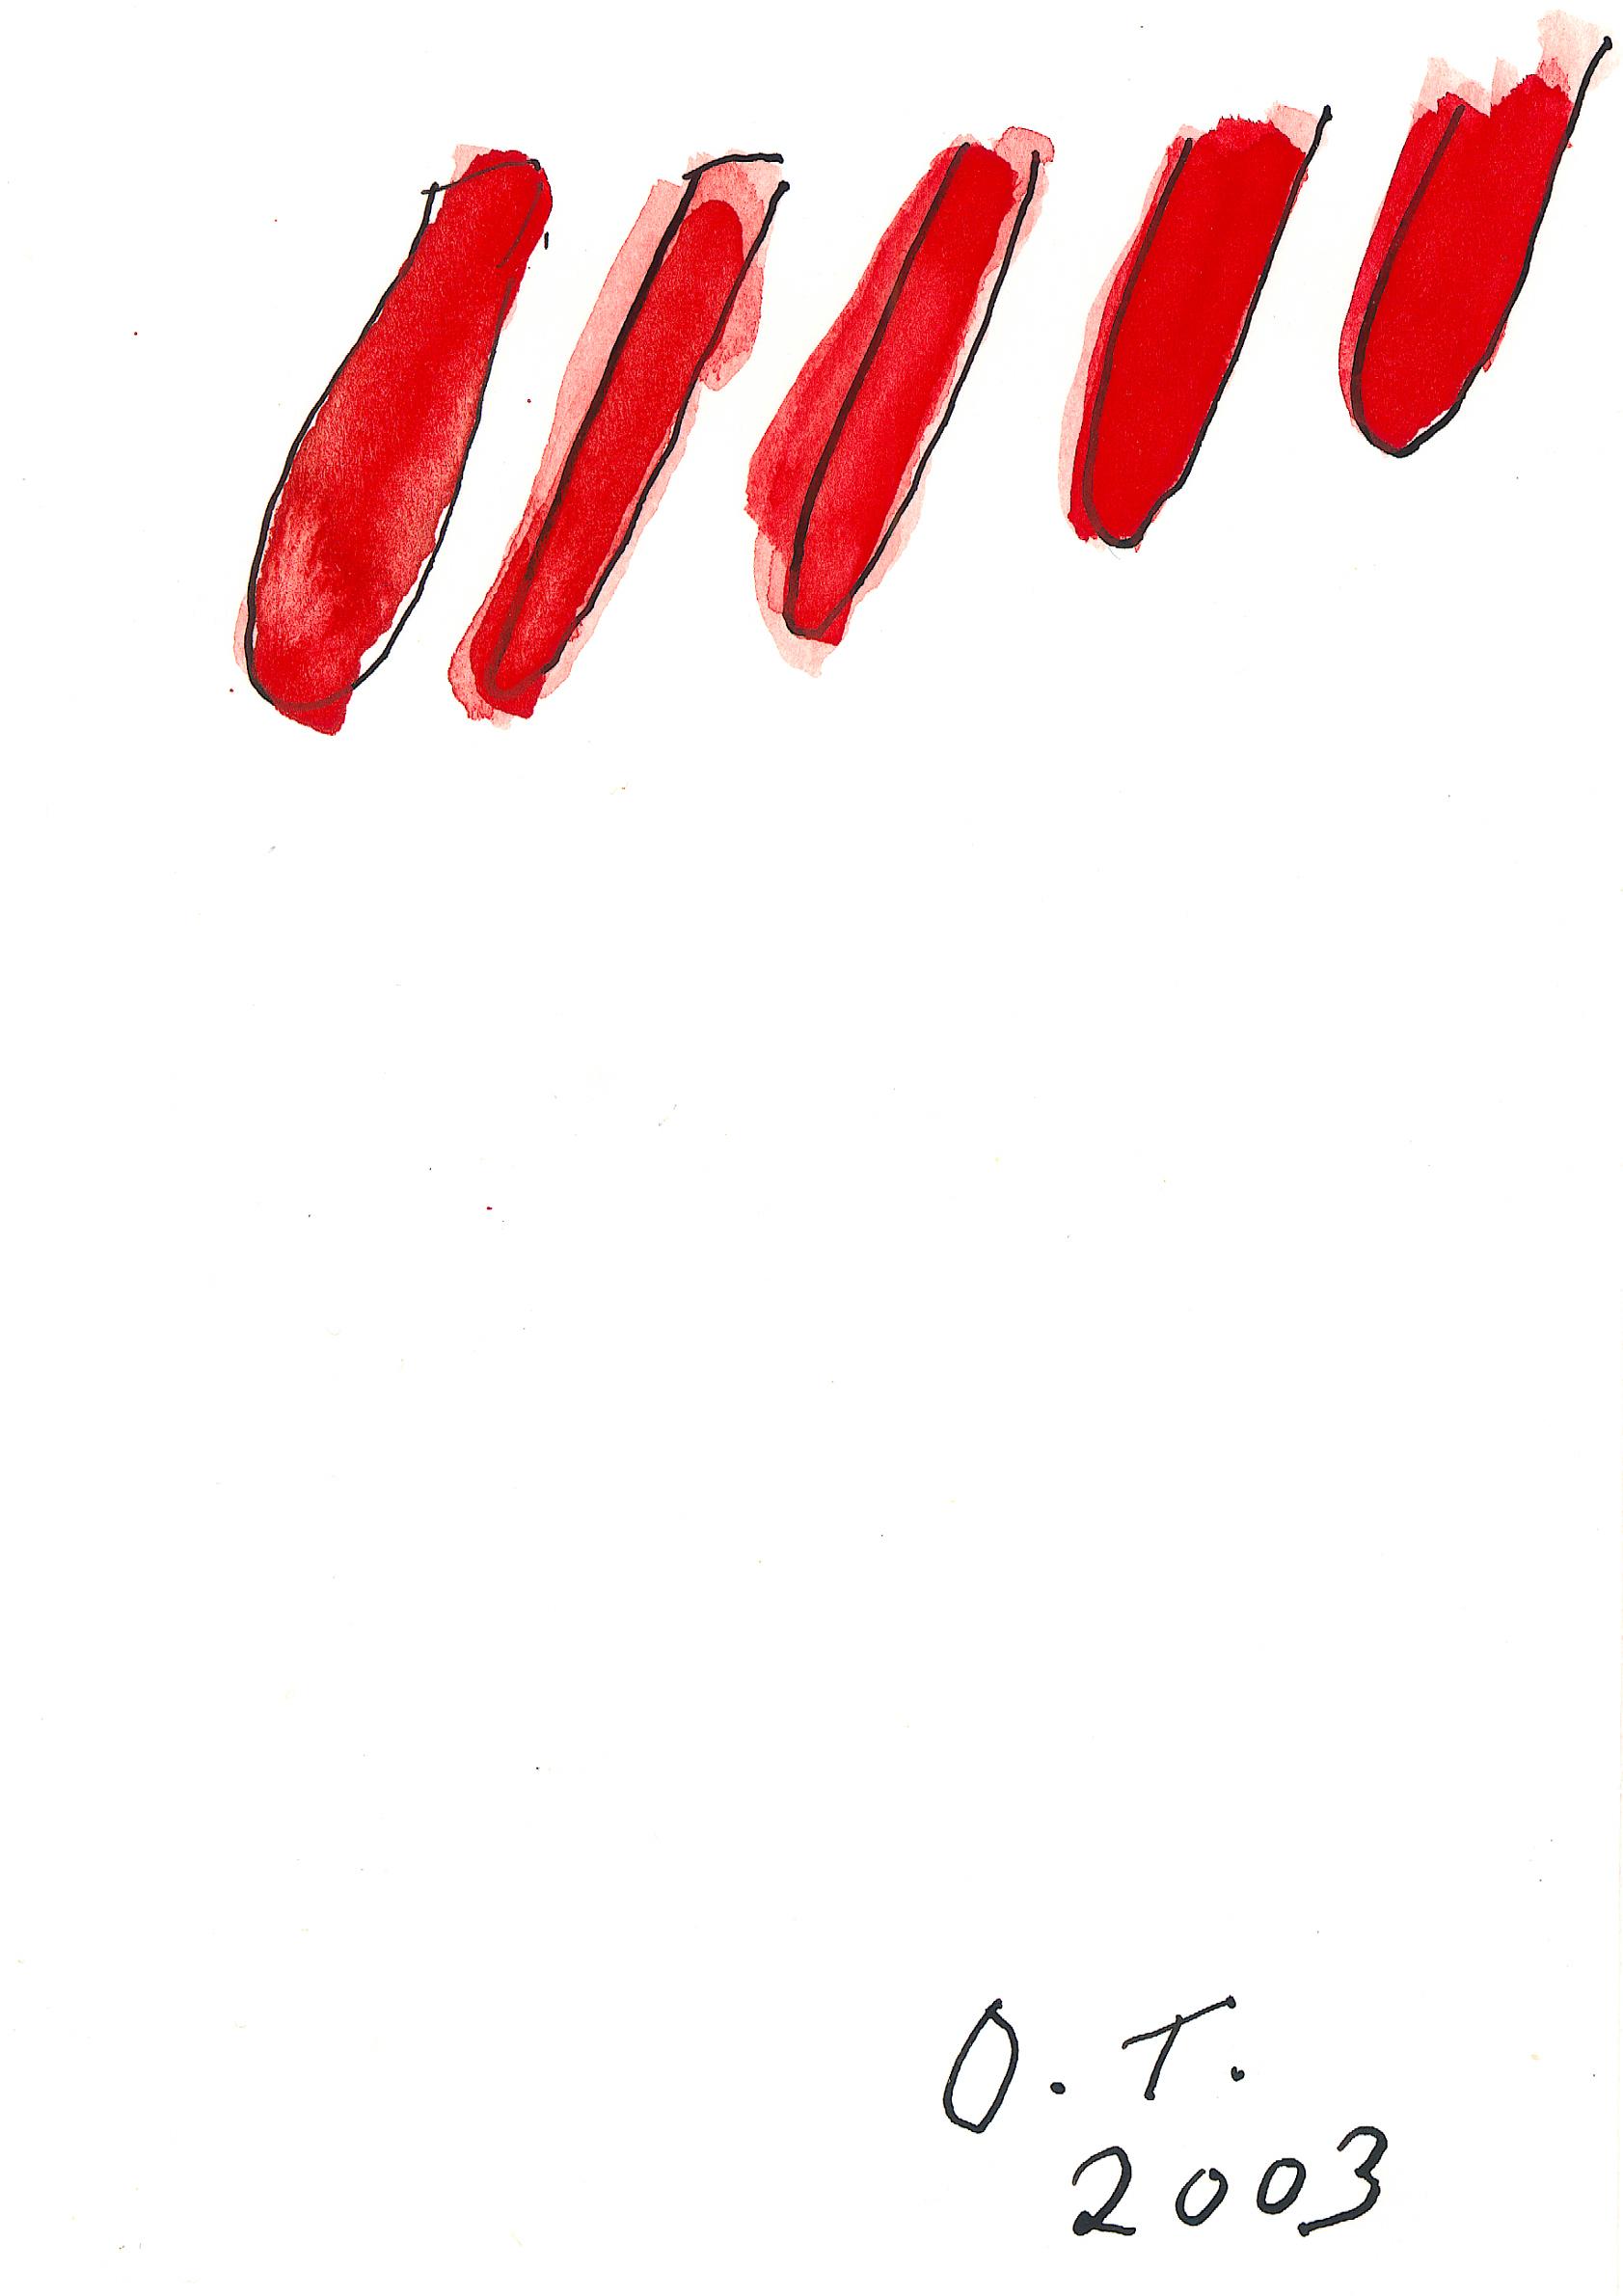 tschirtner oswald - Finger / Fingers